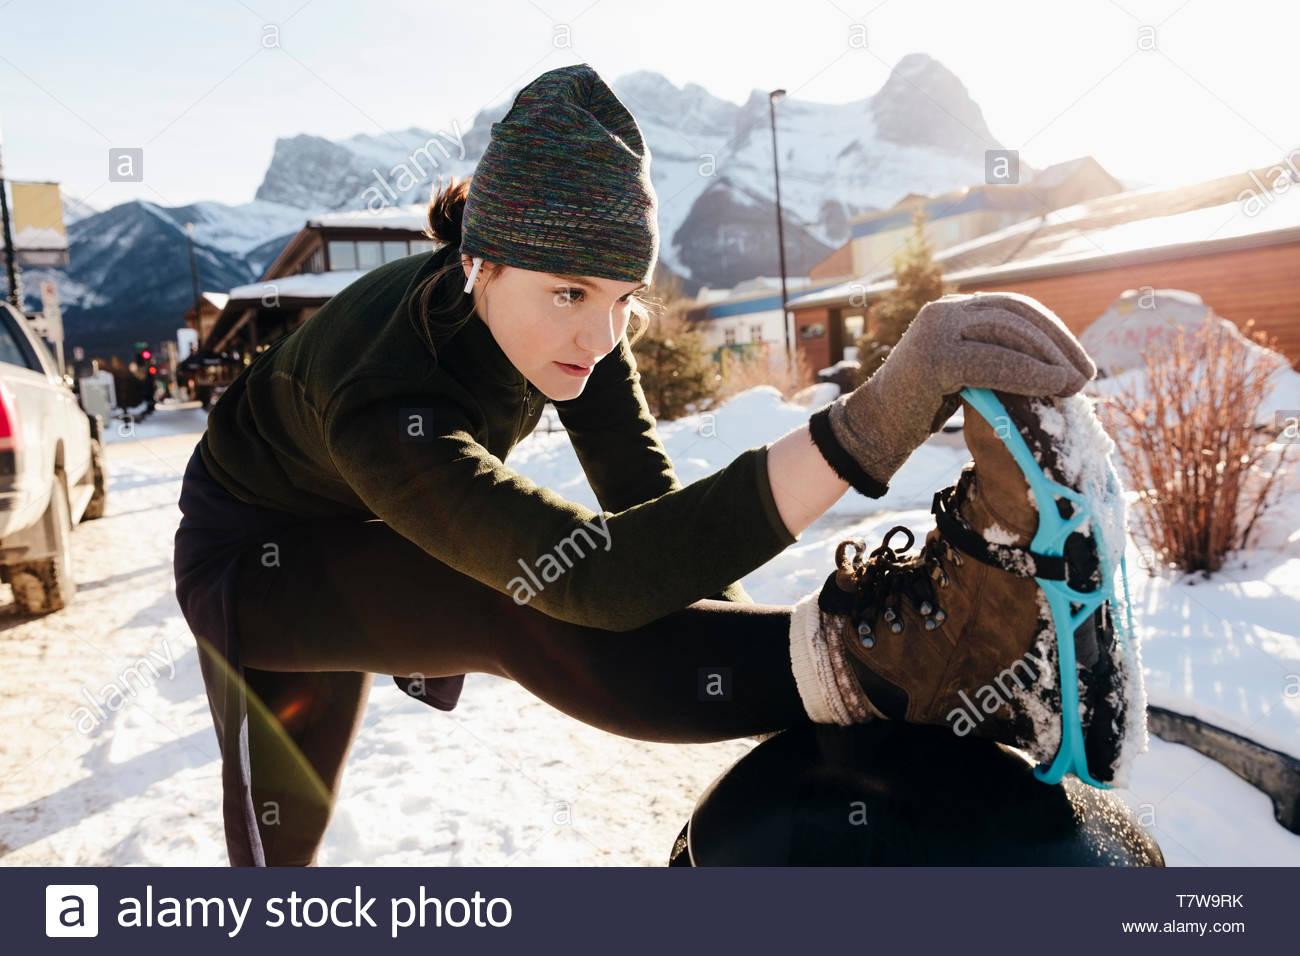 Focused teenage girl runner stretching leg on snowy sidewalk - Stock Image